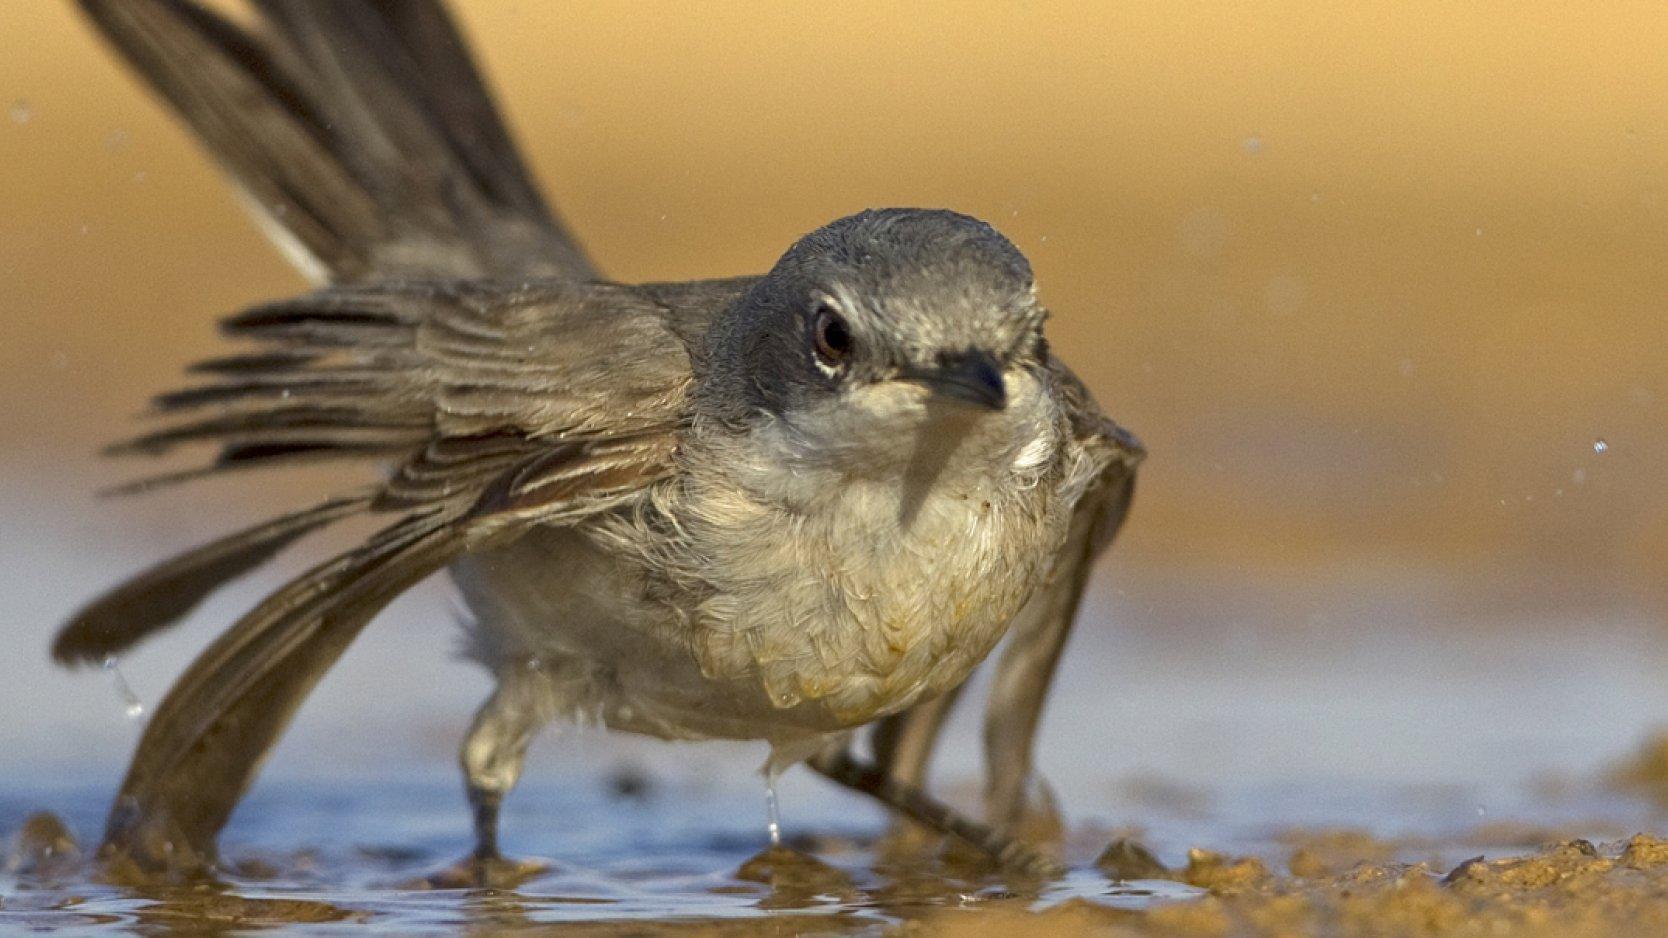 Eine Klappergrasmücke mit gespreizten Flügeln steht mit den Füßen im Wasser.